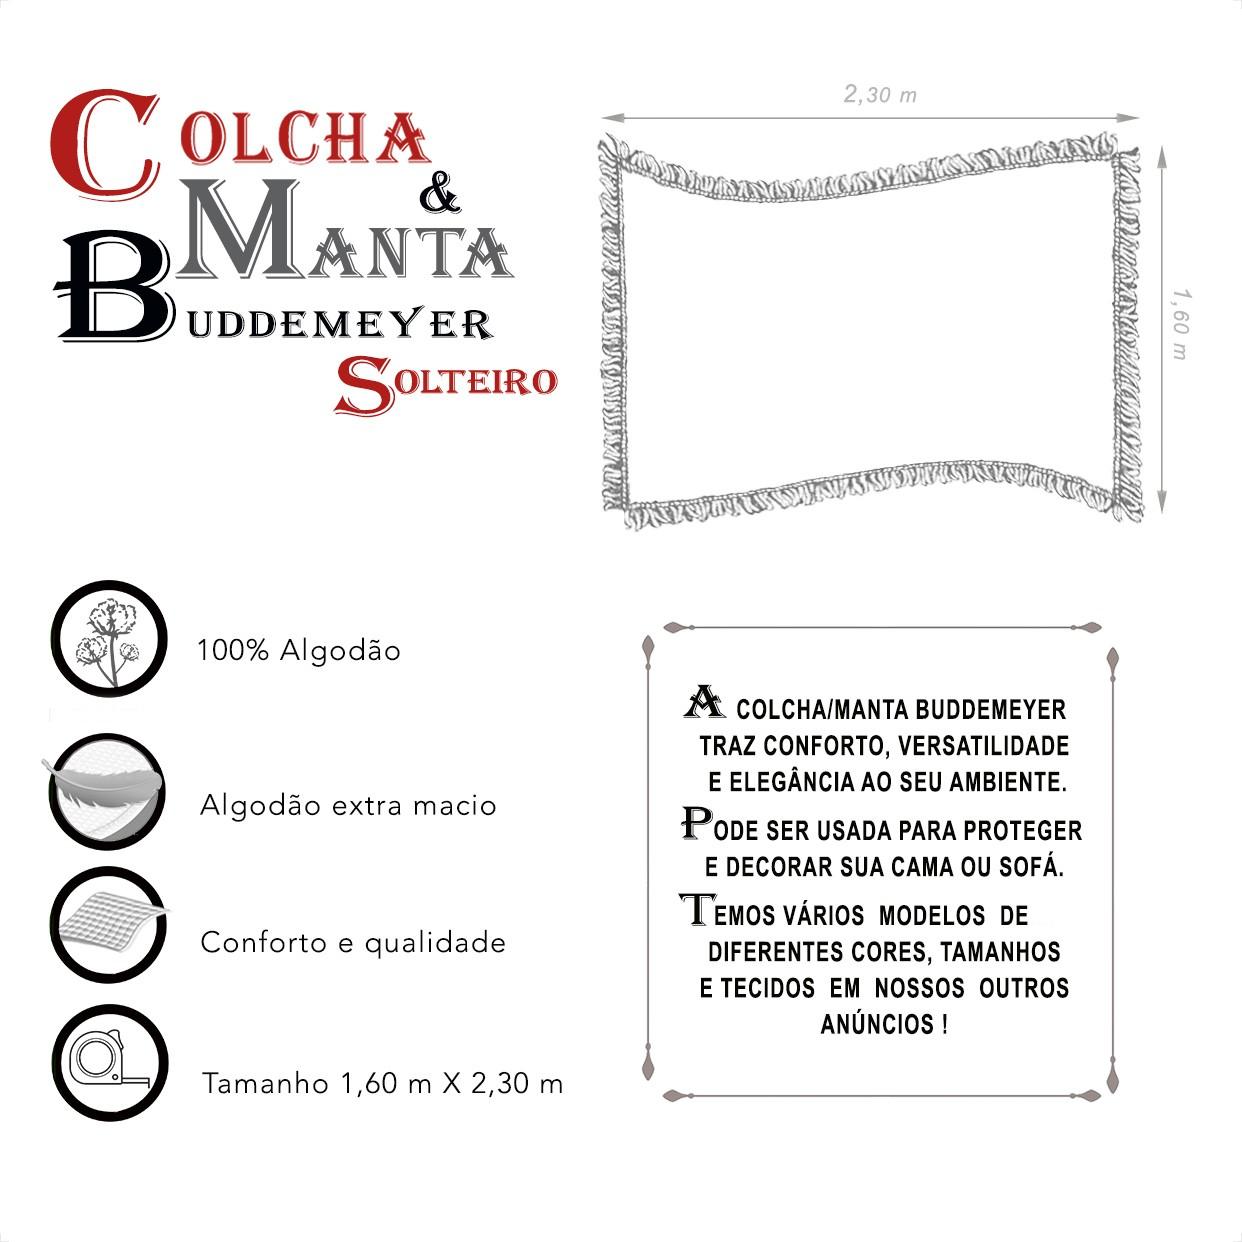 Manta e Colcha Buddemeyer Solteiro Bege 1,60m x 2,30m